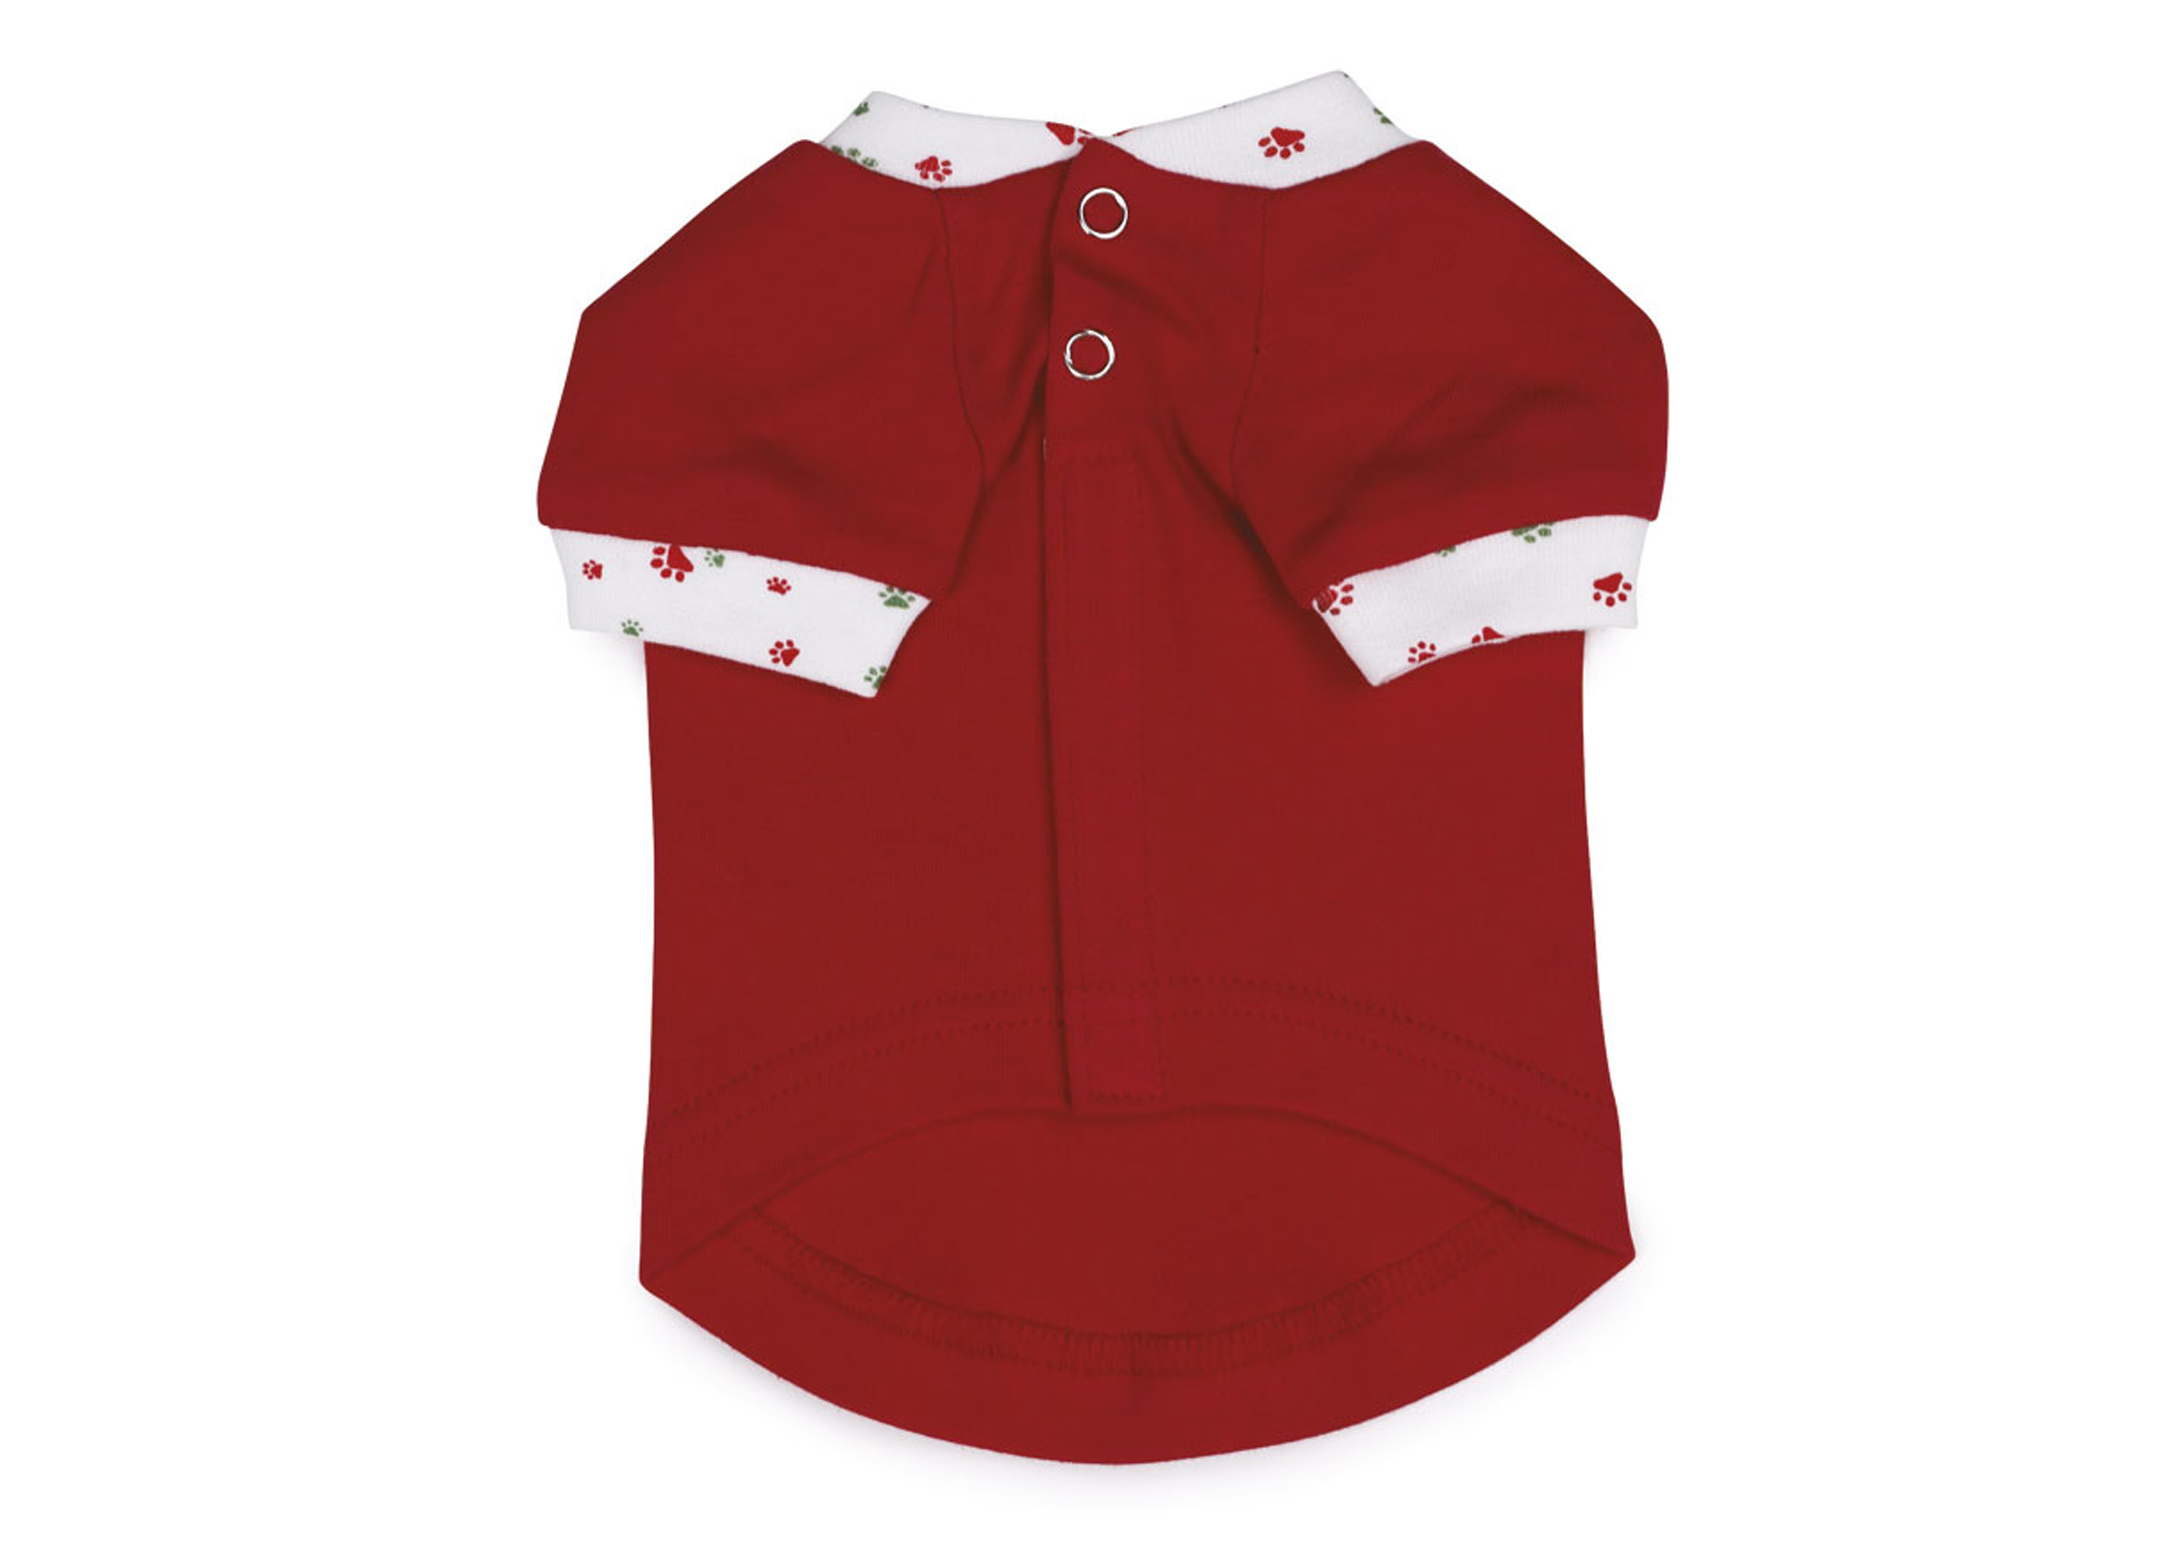 East Side Collection Xmas Santa's Babie Onesie Shirt Kledij Voor Honden